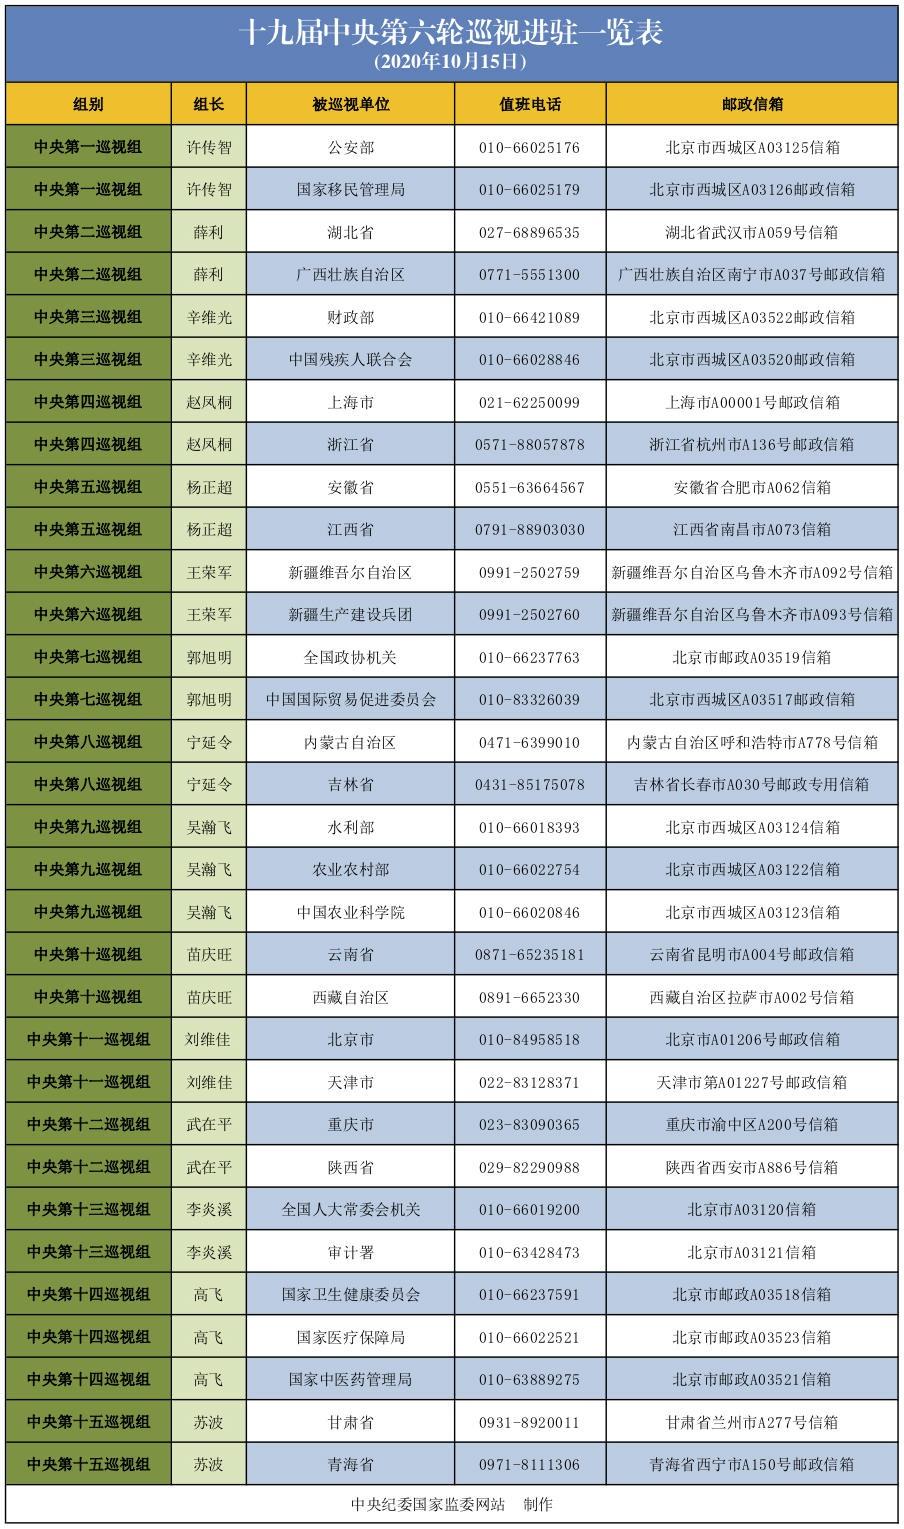 十九届中央第六轮巡视进驻一览表图片